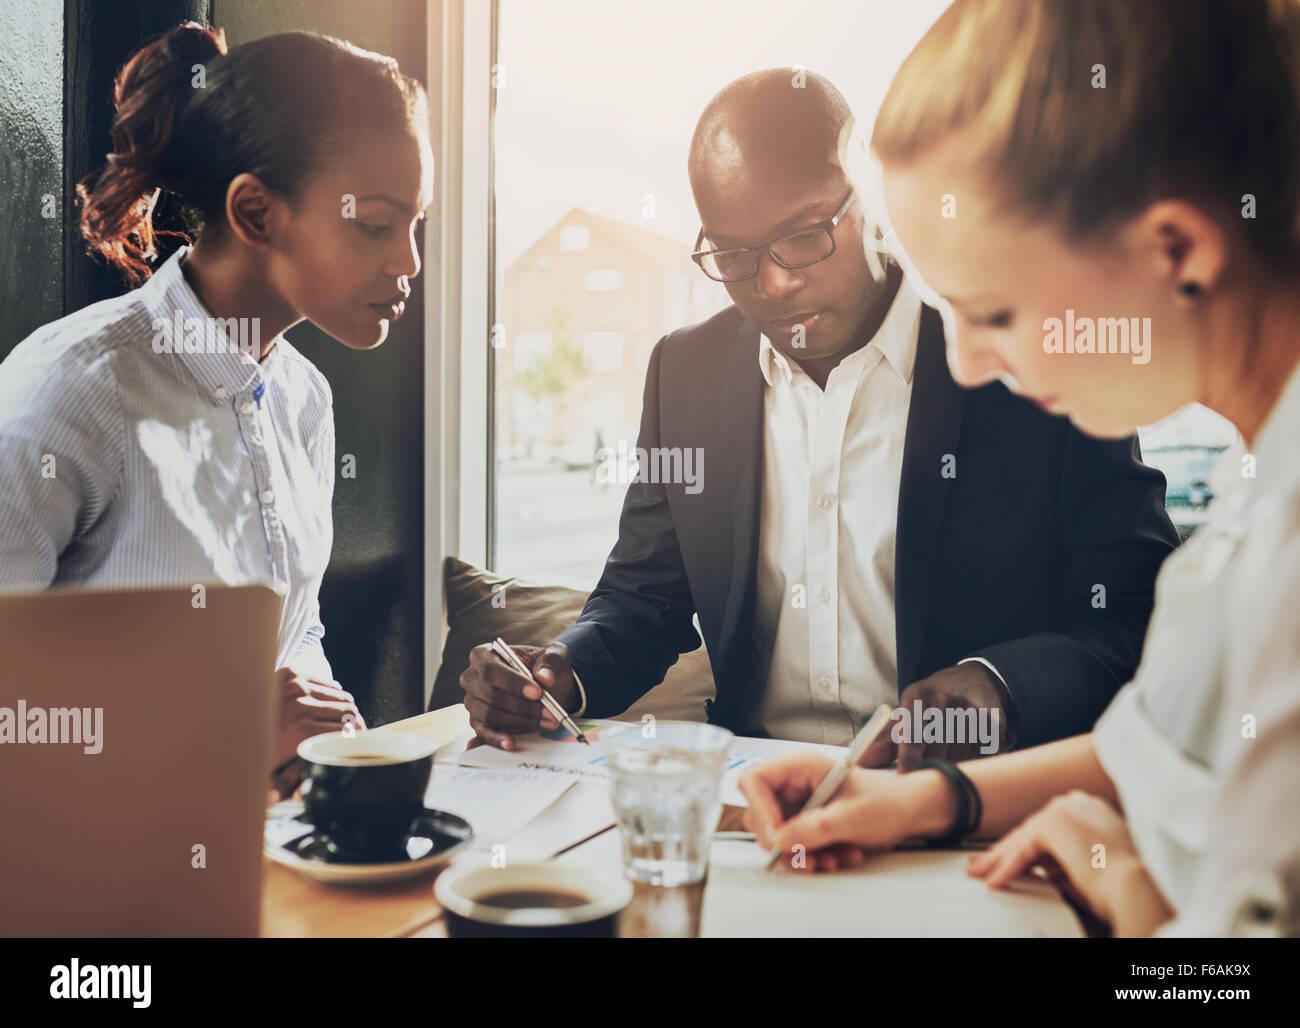 Grupo de empresarios serios trabajando, grupo multiétnico, negocios, empresario INICIO CONCEPTO Imagen De Stock